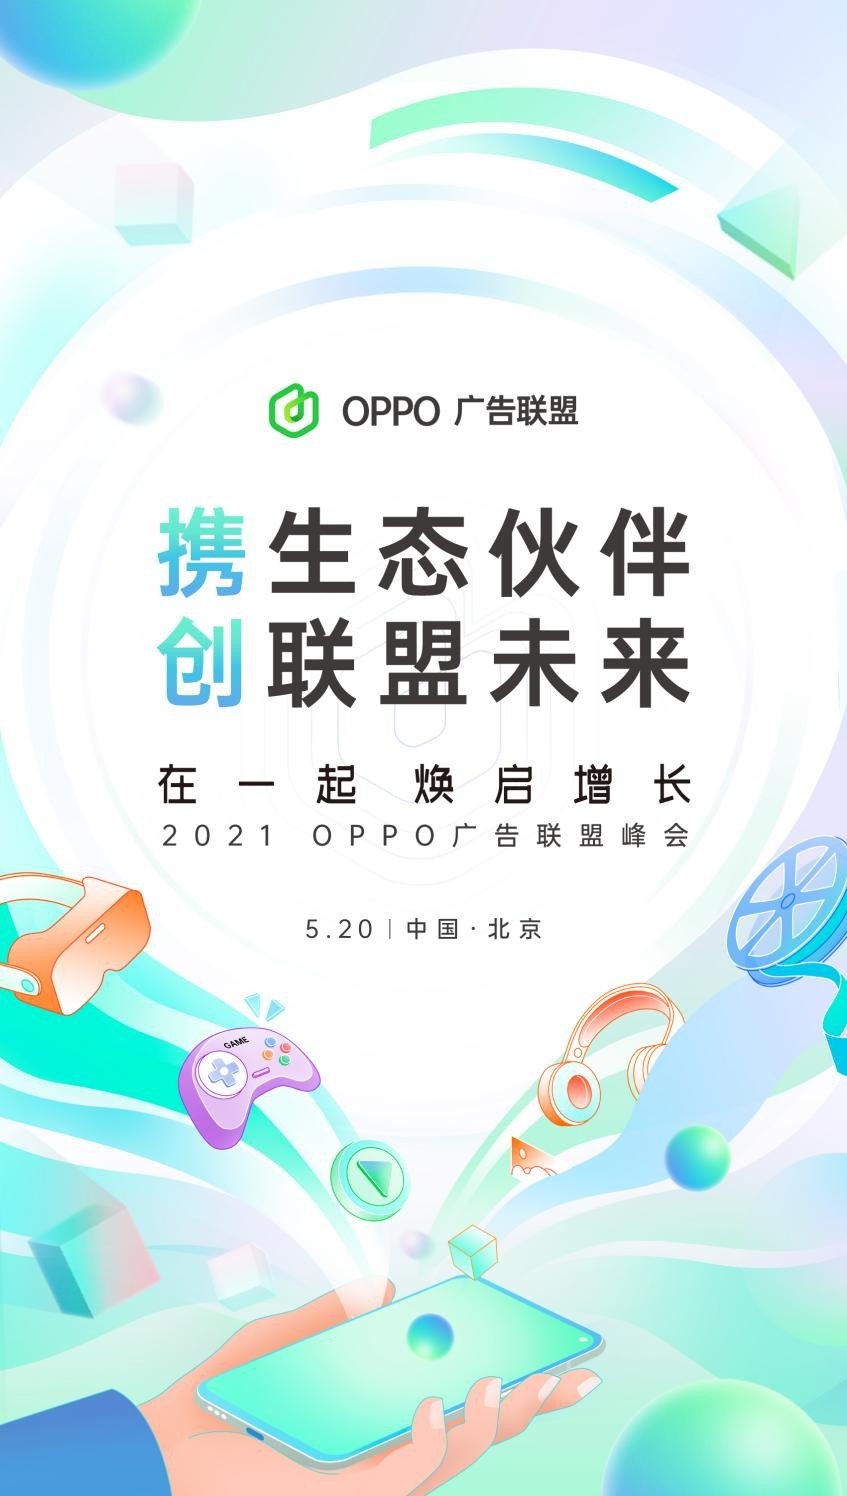 """""""在一起  焕启增长""""丨2021 OPPO广告联盟峰会将于5月20日举办"""